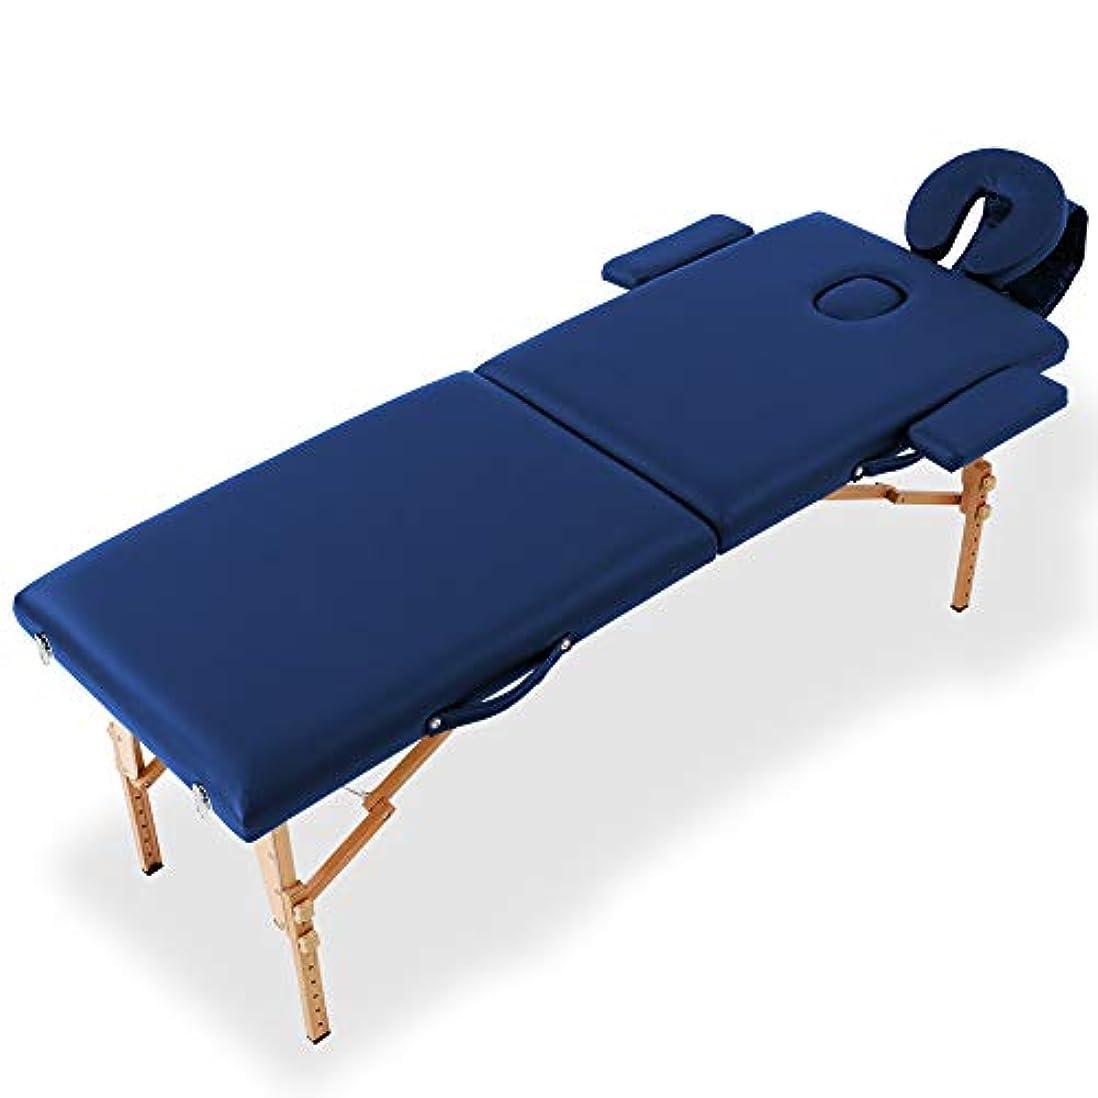 不変展示会ボードLOWYA マッサージベッド マッサージ台 軽量 折りたたみ コンパクト キャリーバック ブルー